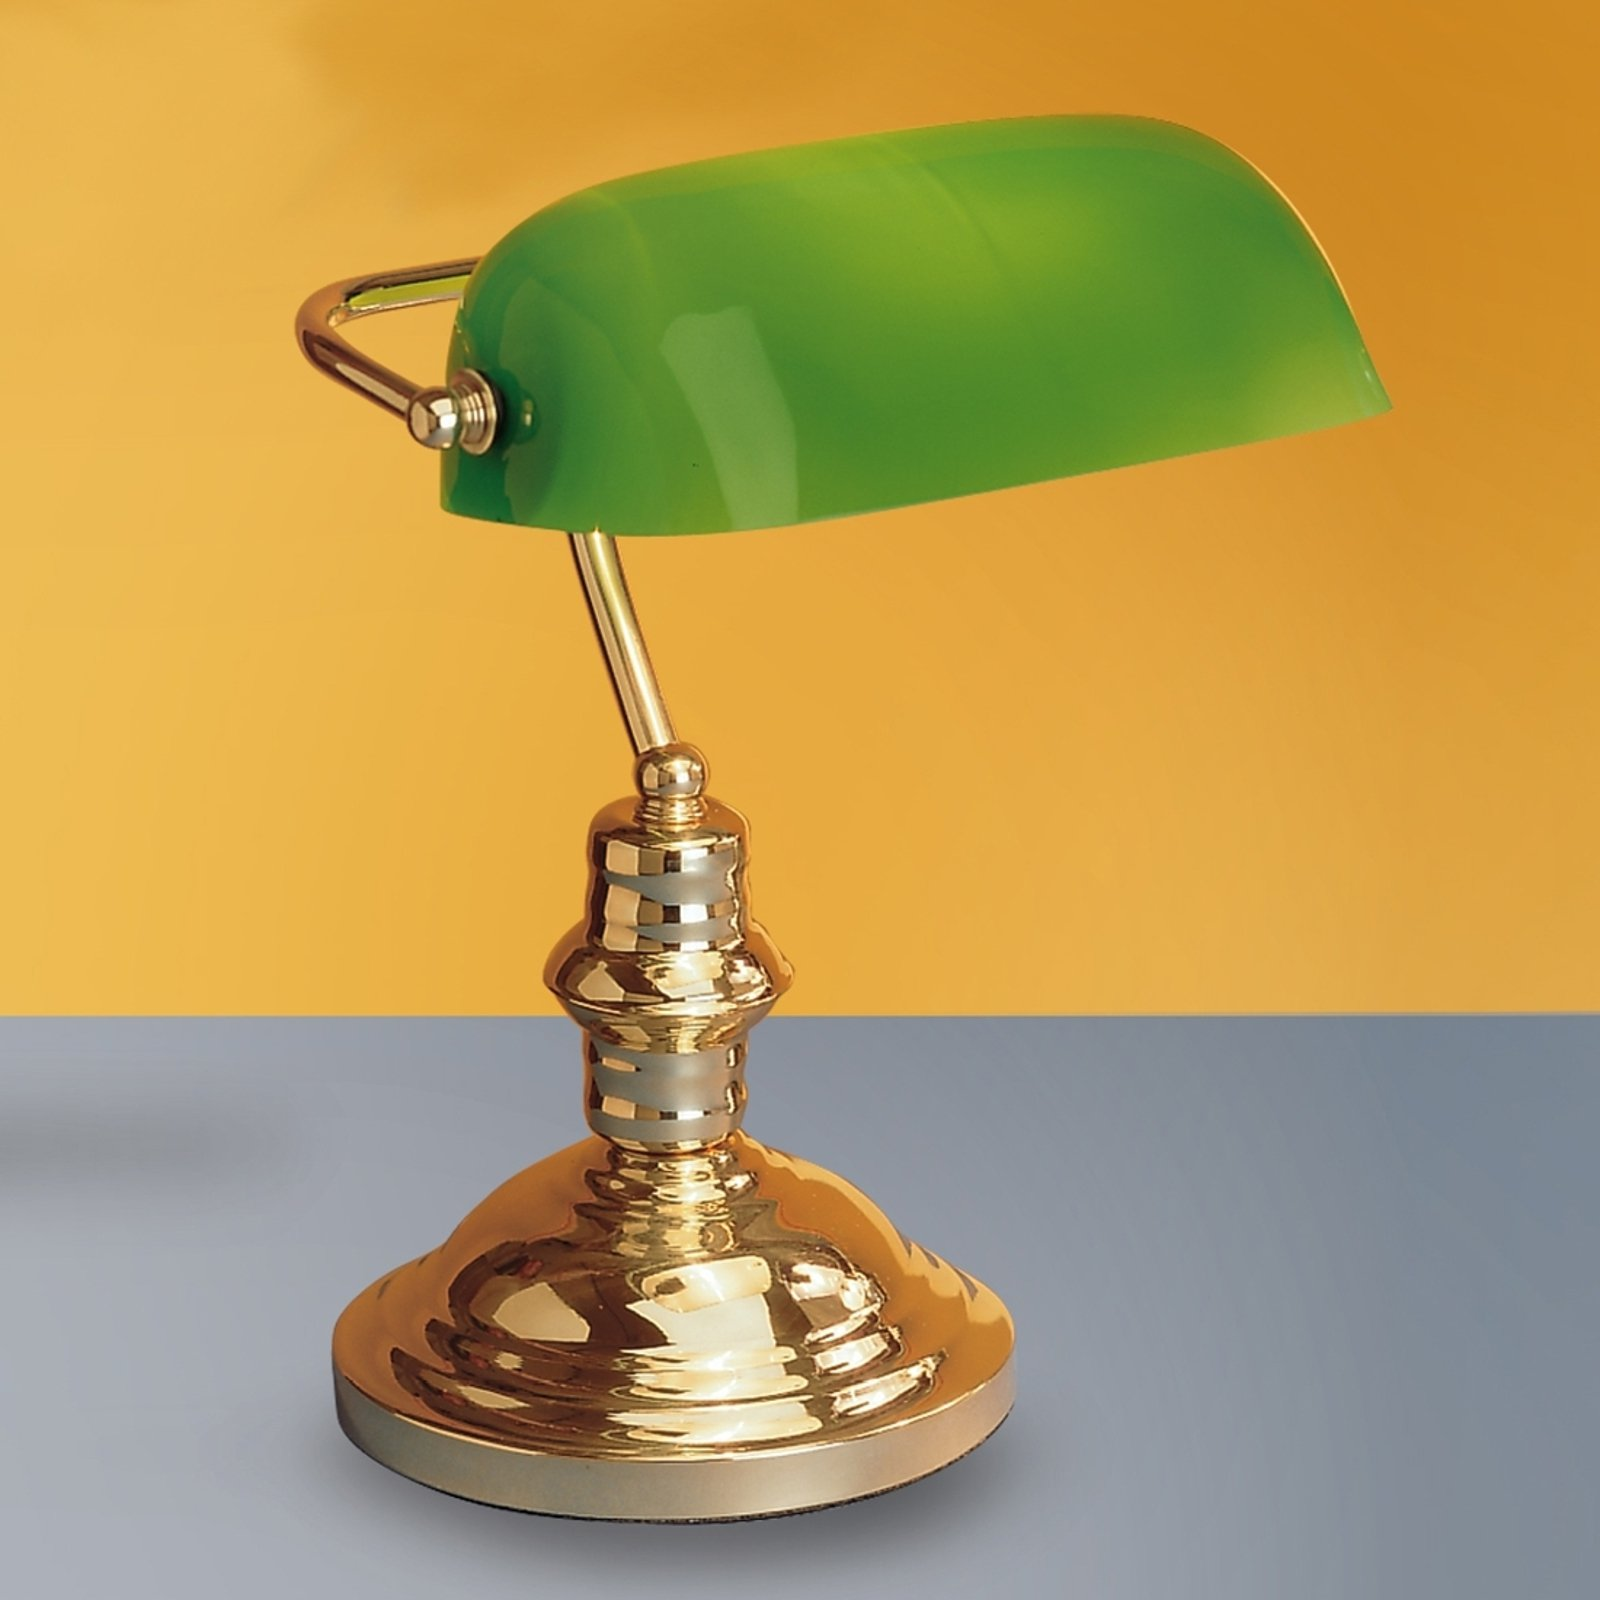 Vakker Onella bordlampe grønn